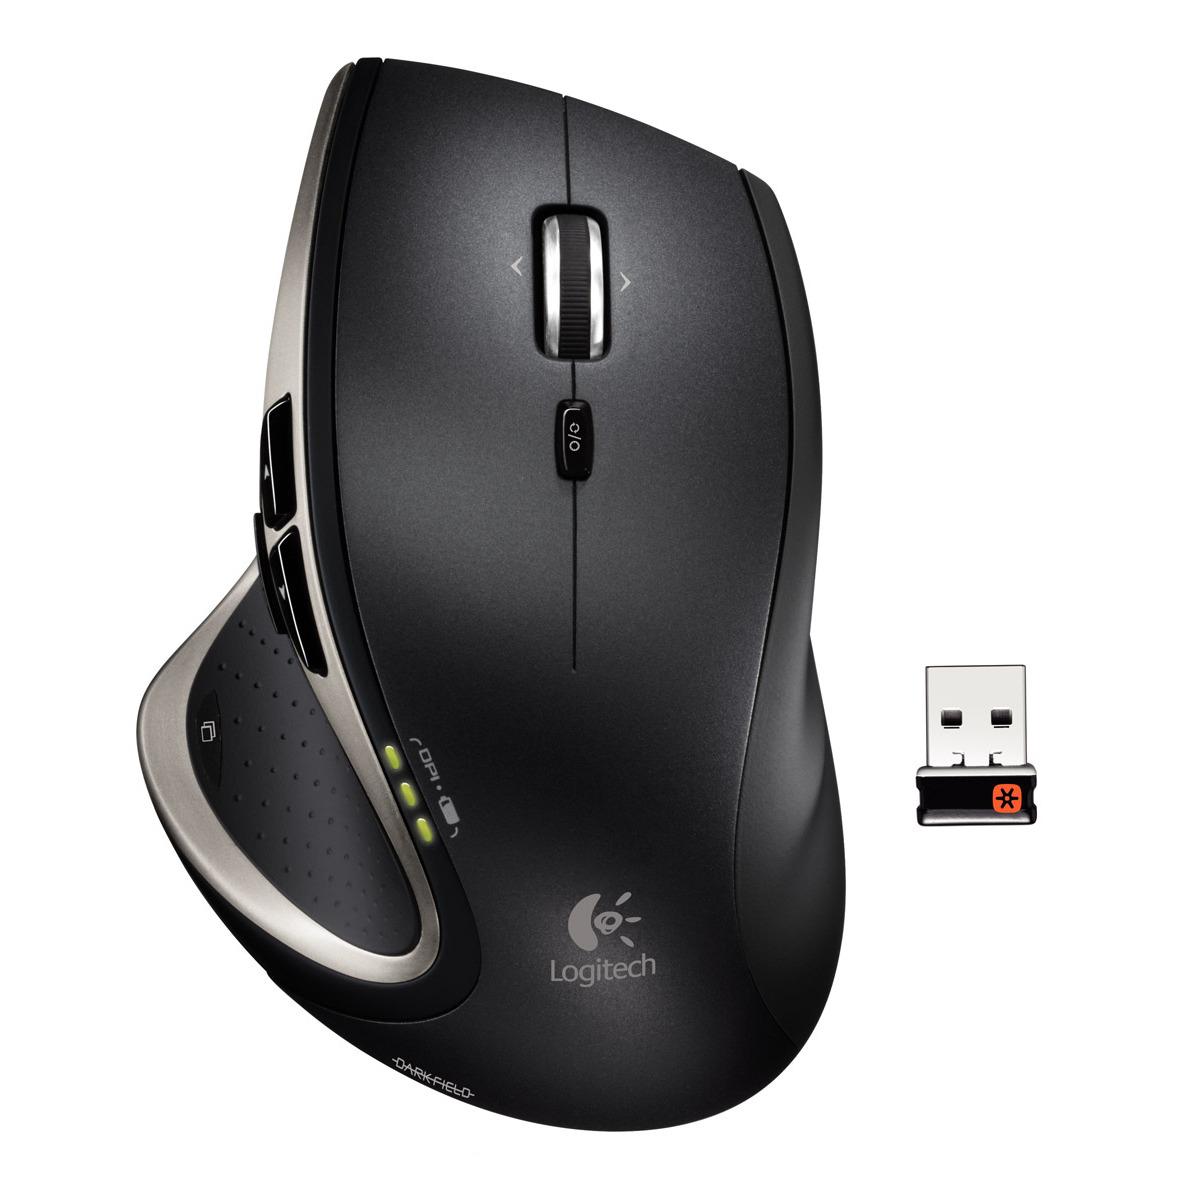 Souris sans fil Logitech Performance Mouse MX